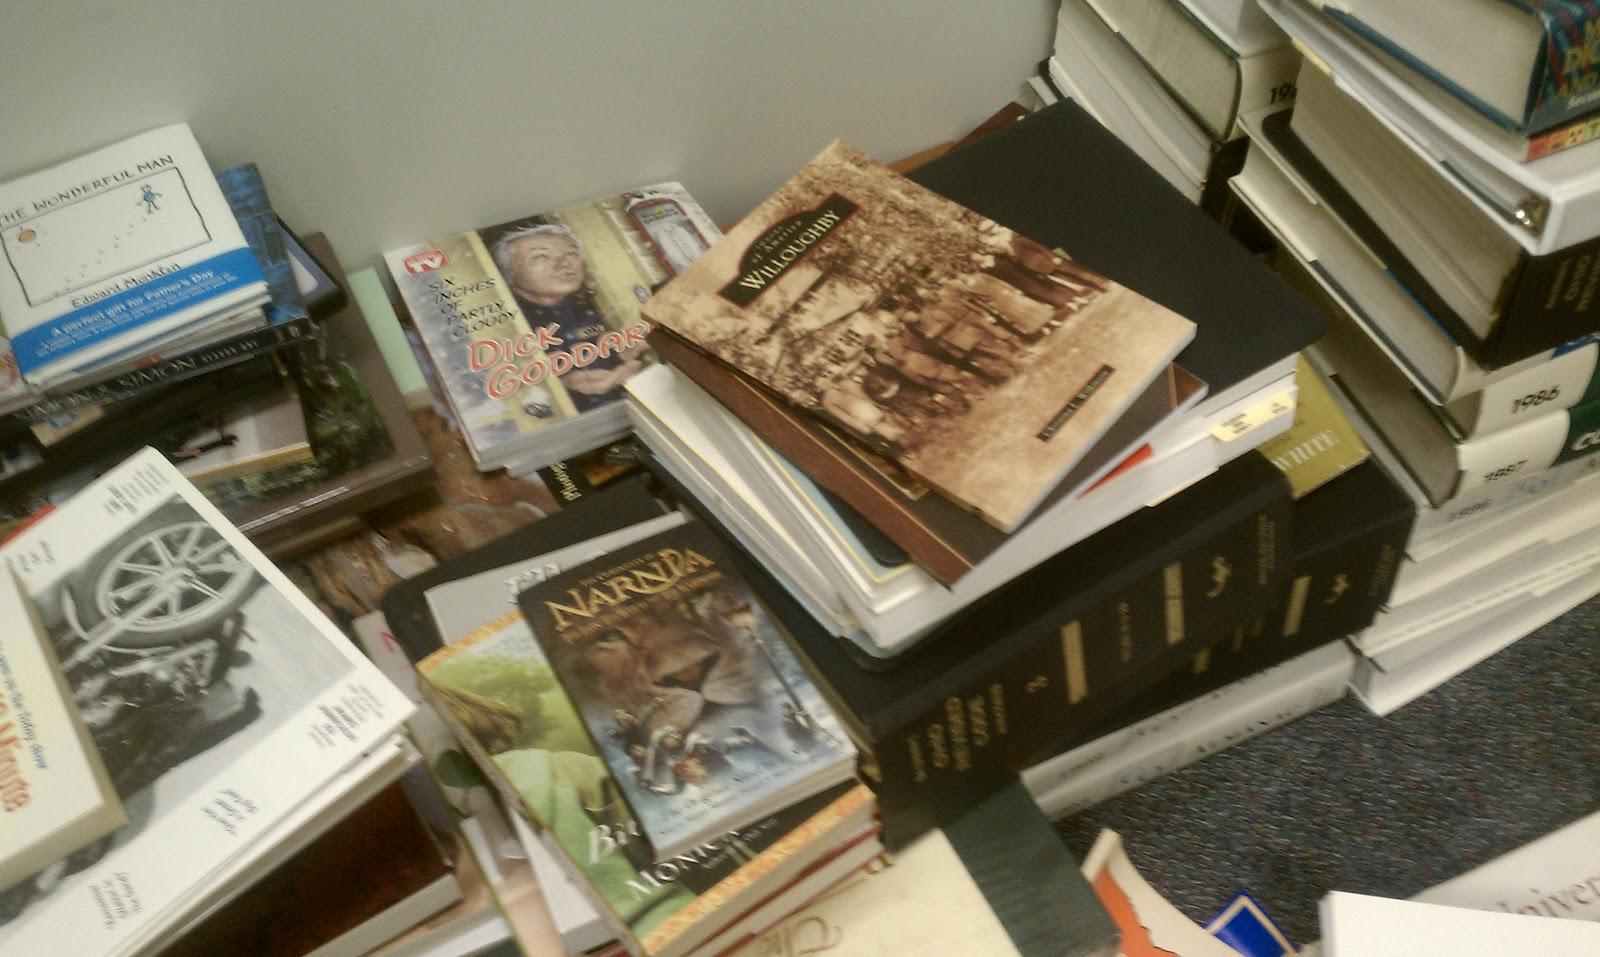 how to run a book cloub